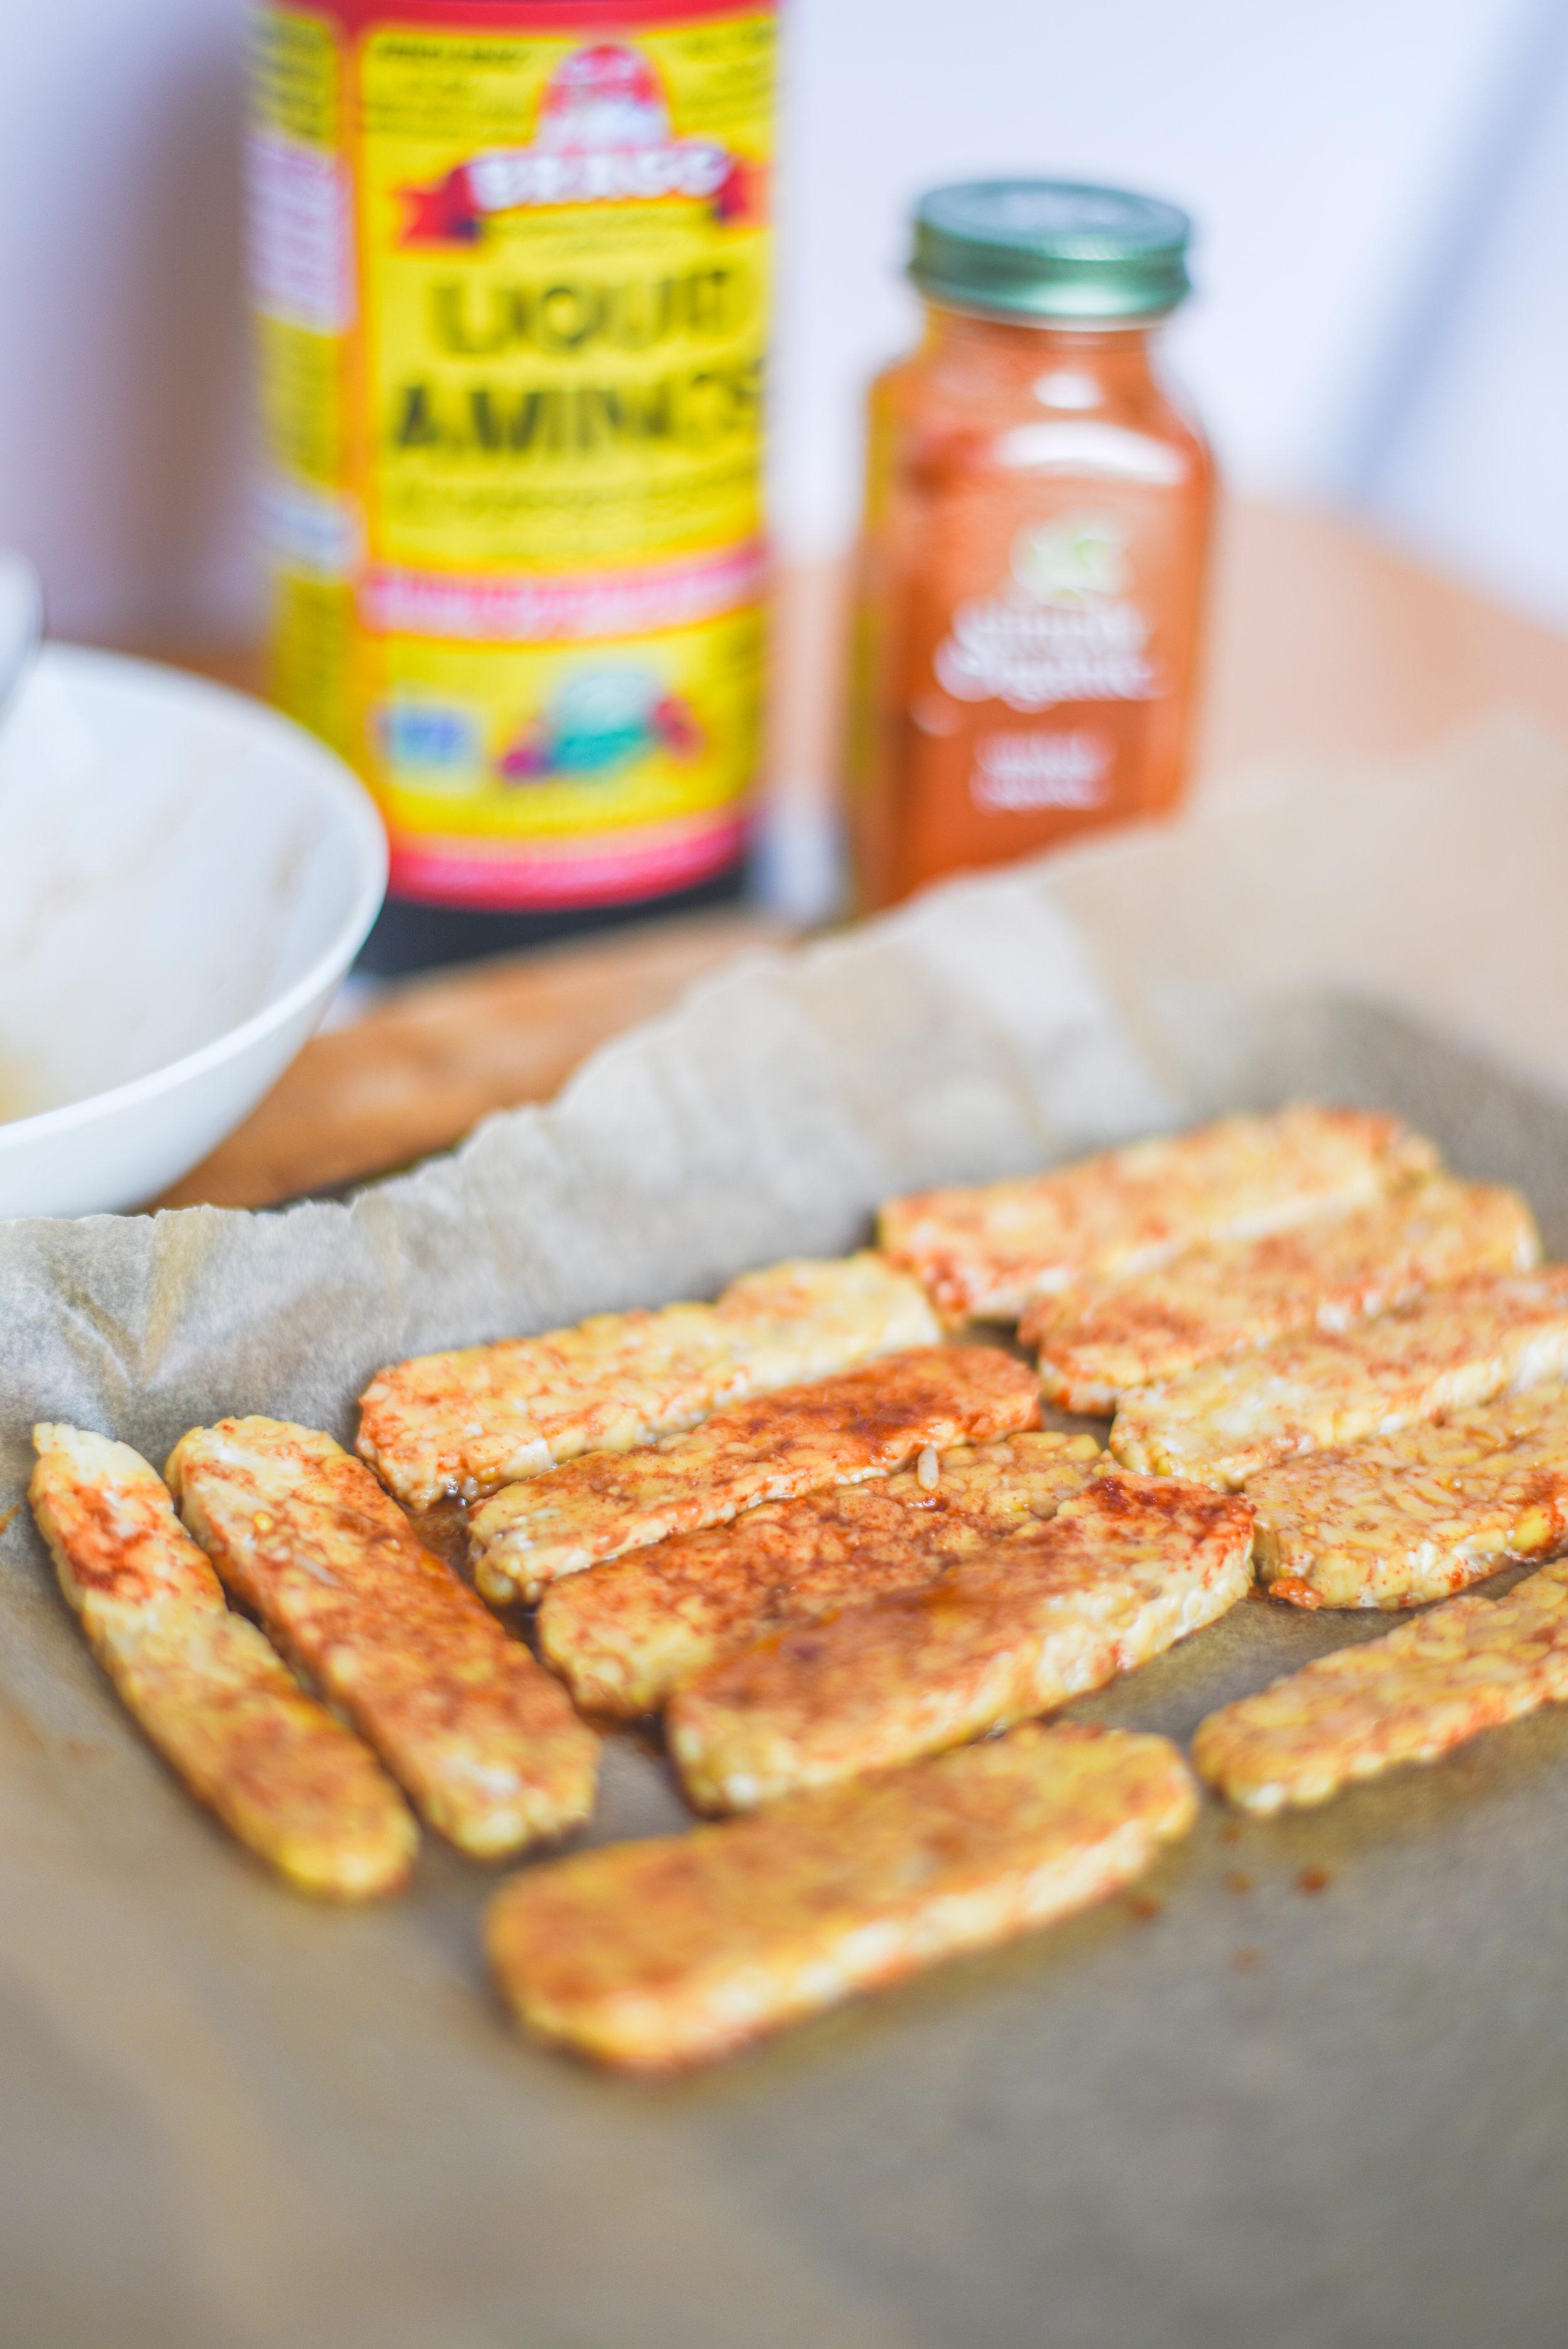 easy smokey tempeh recipe vegan 3 ingredients